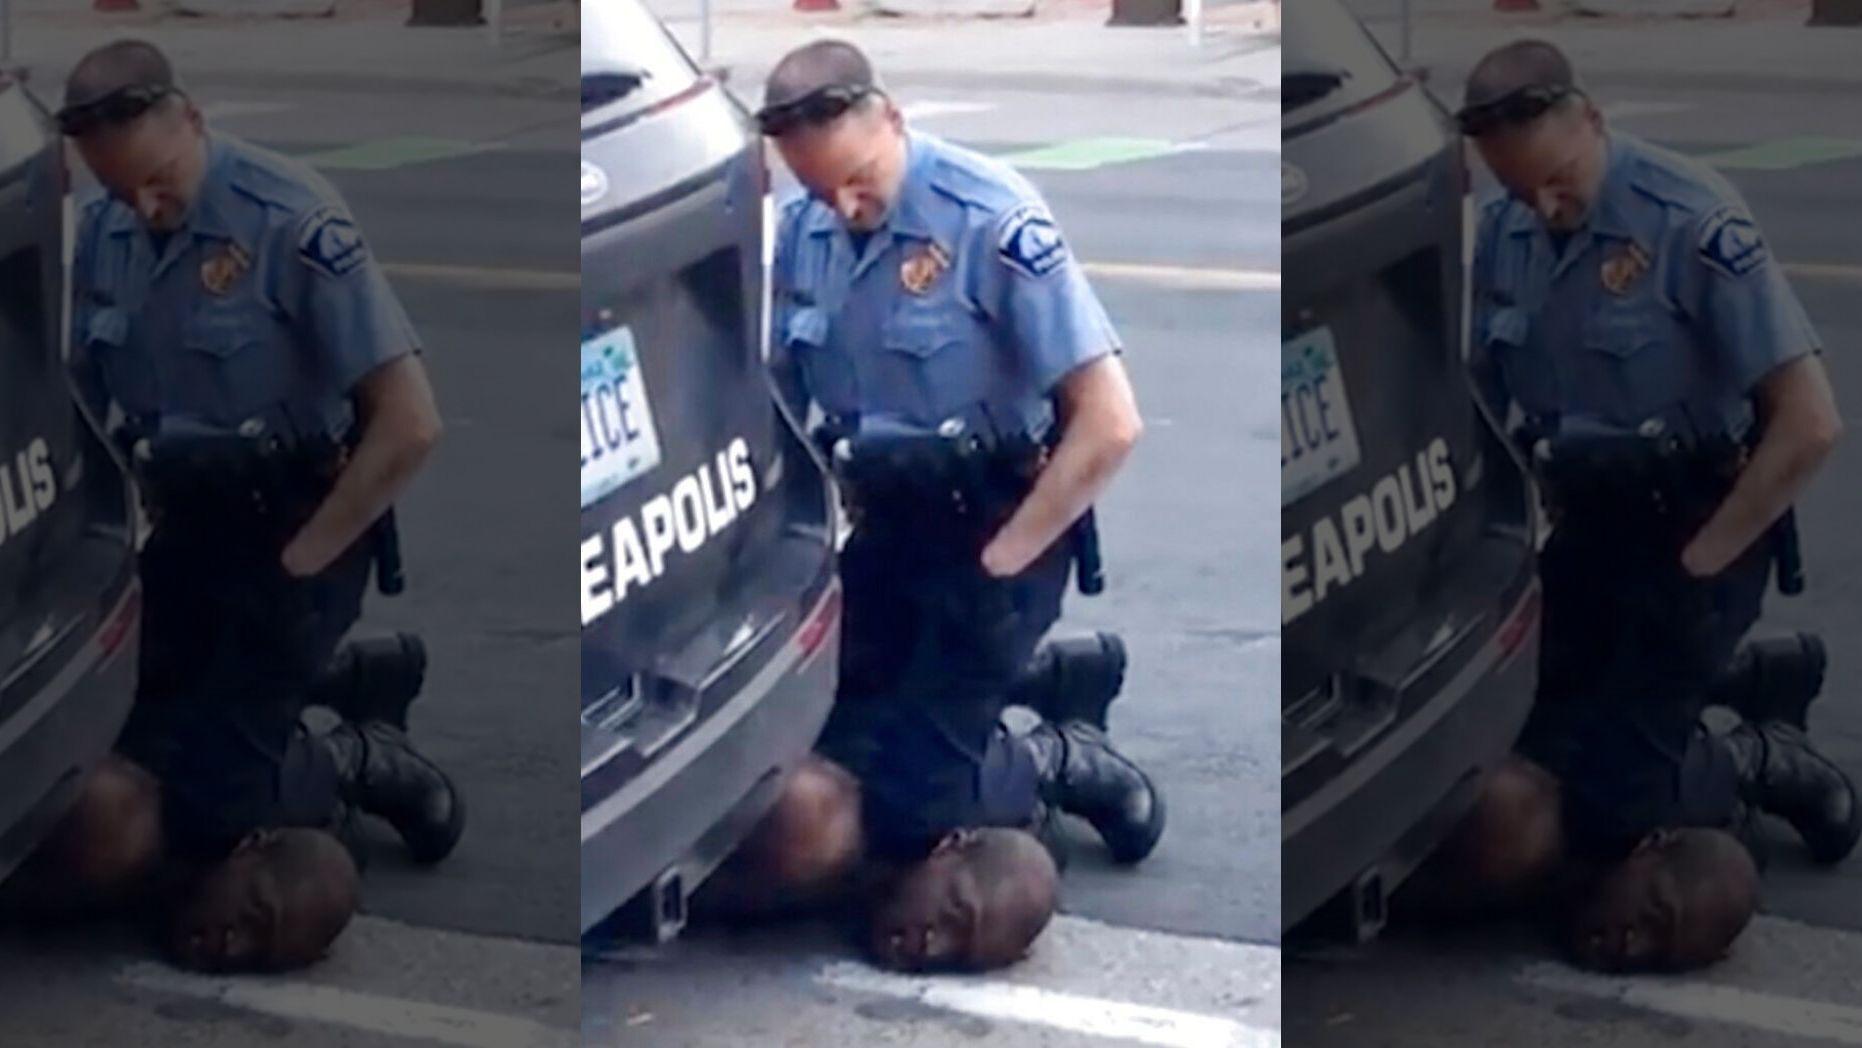 弗洛伊德遭警察跪压(视频截图)